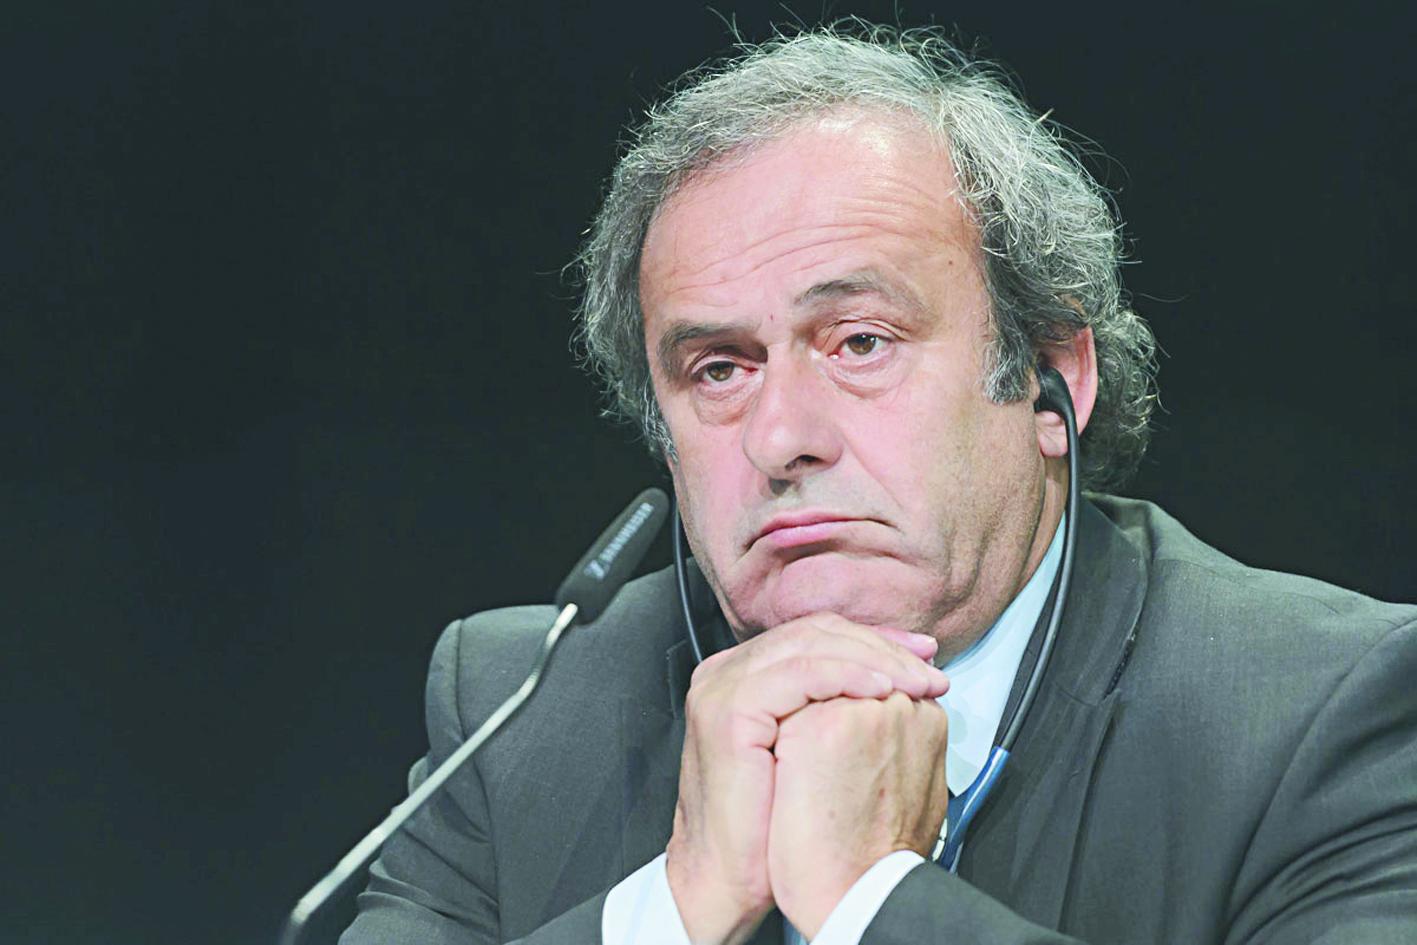 La situation se complique de plus belle pour Michel Platini